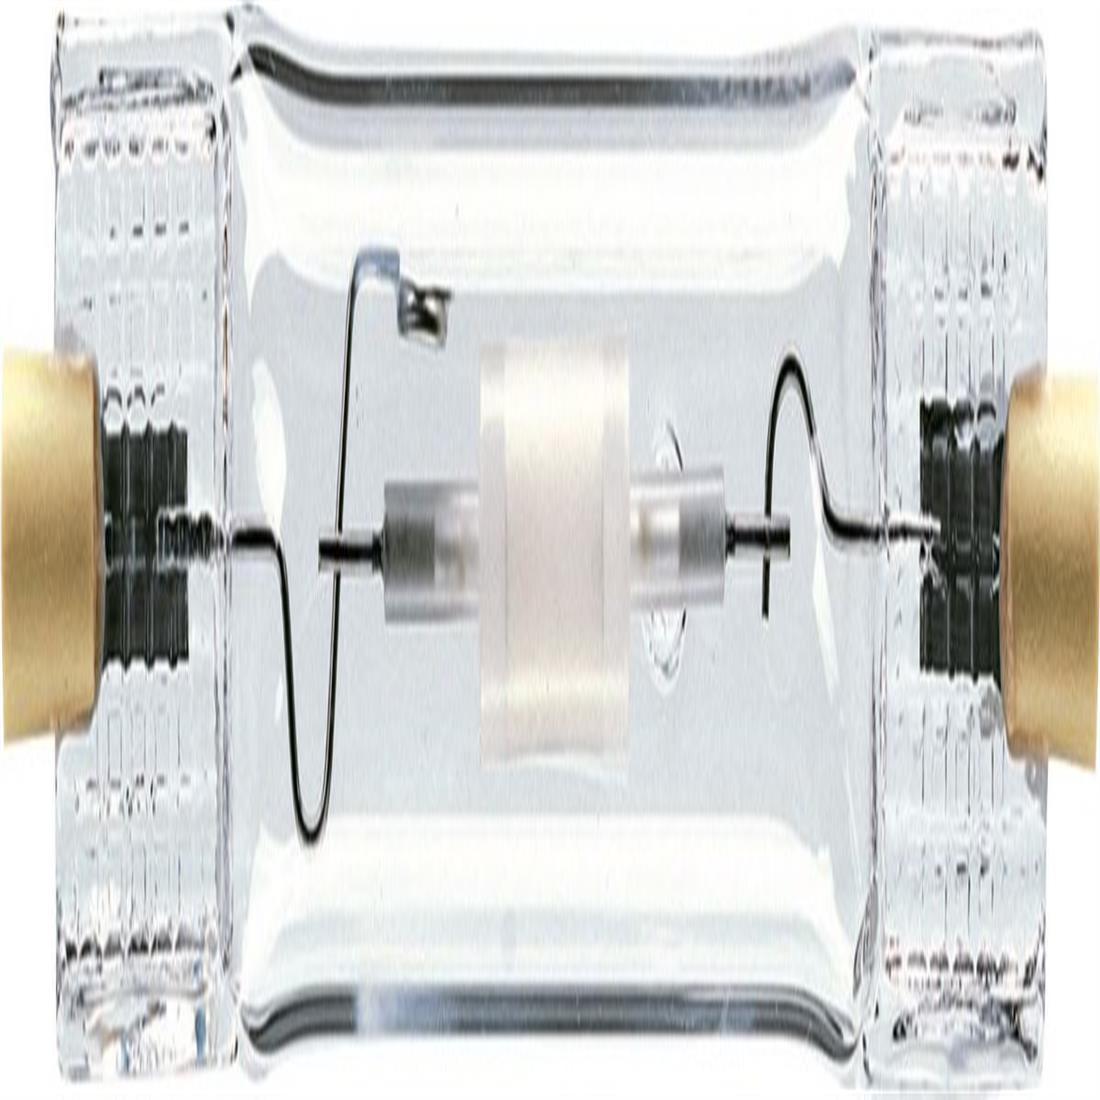 PHILIPS halogeen metaaldamplamp G8.5 warmwit 3000K 70W (19782515)